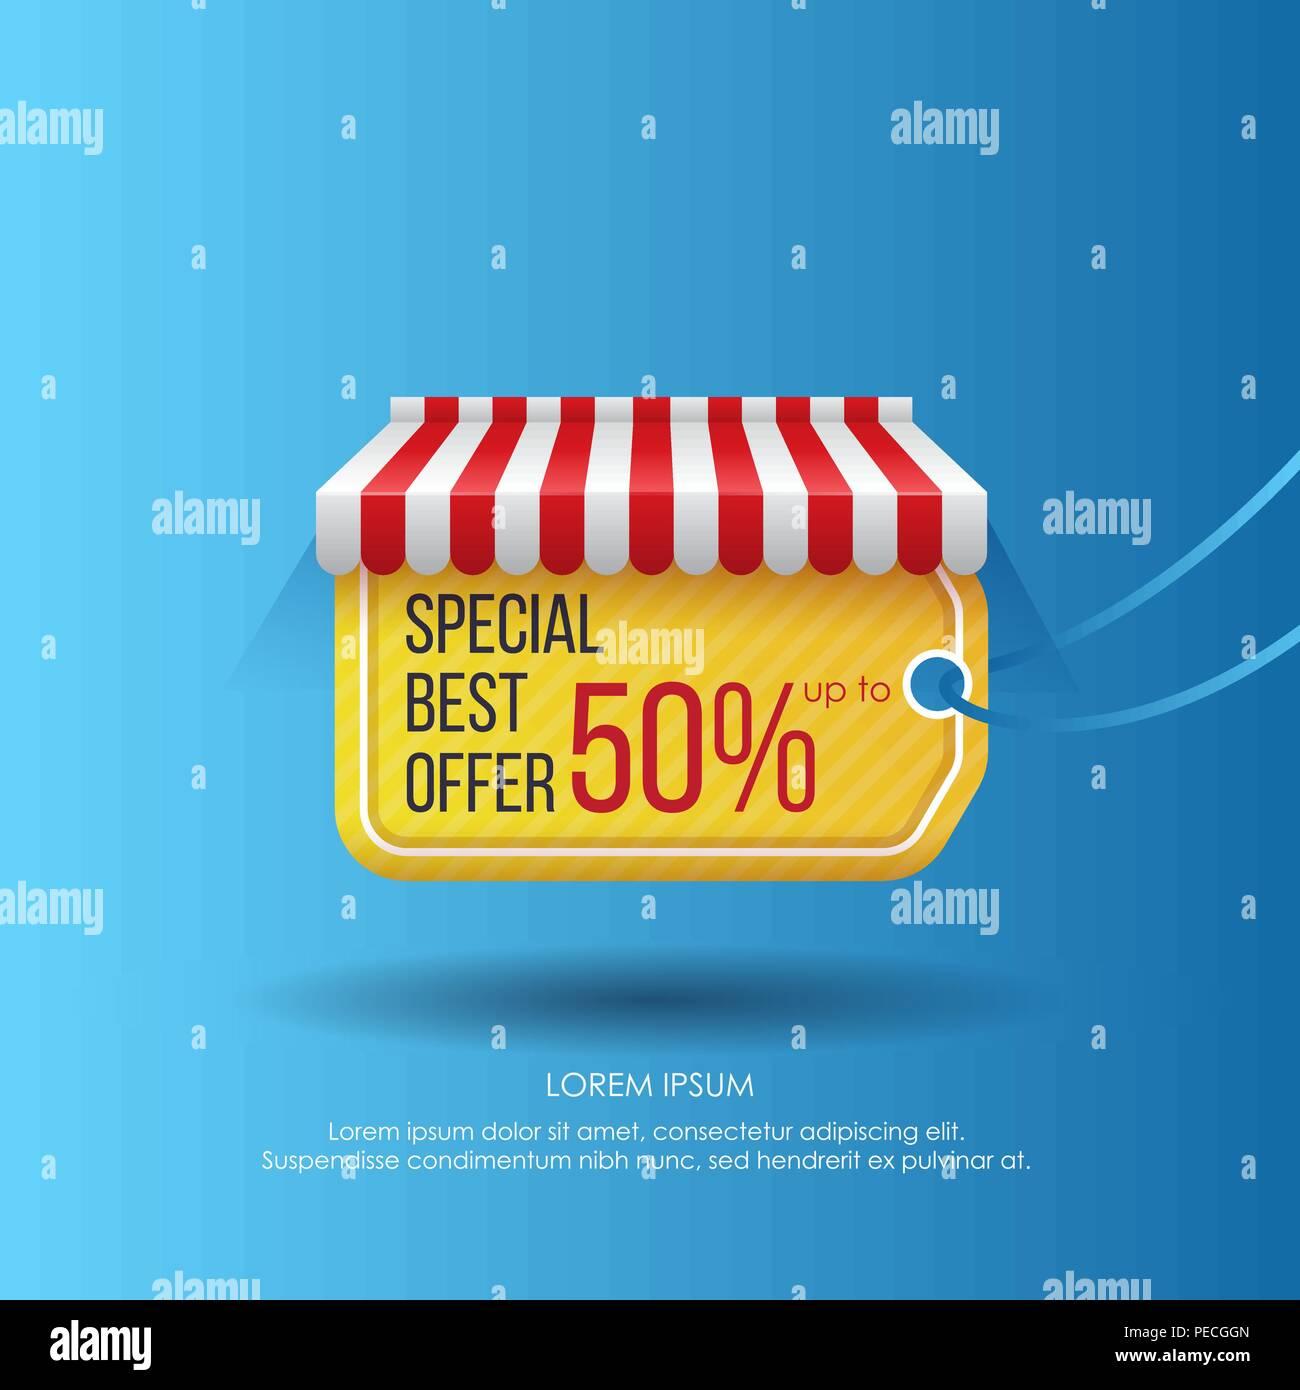 Kreative Moderne Gestaltung Von Werbung Mit Tag Anzeigen Das Beste